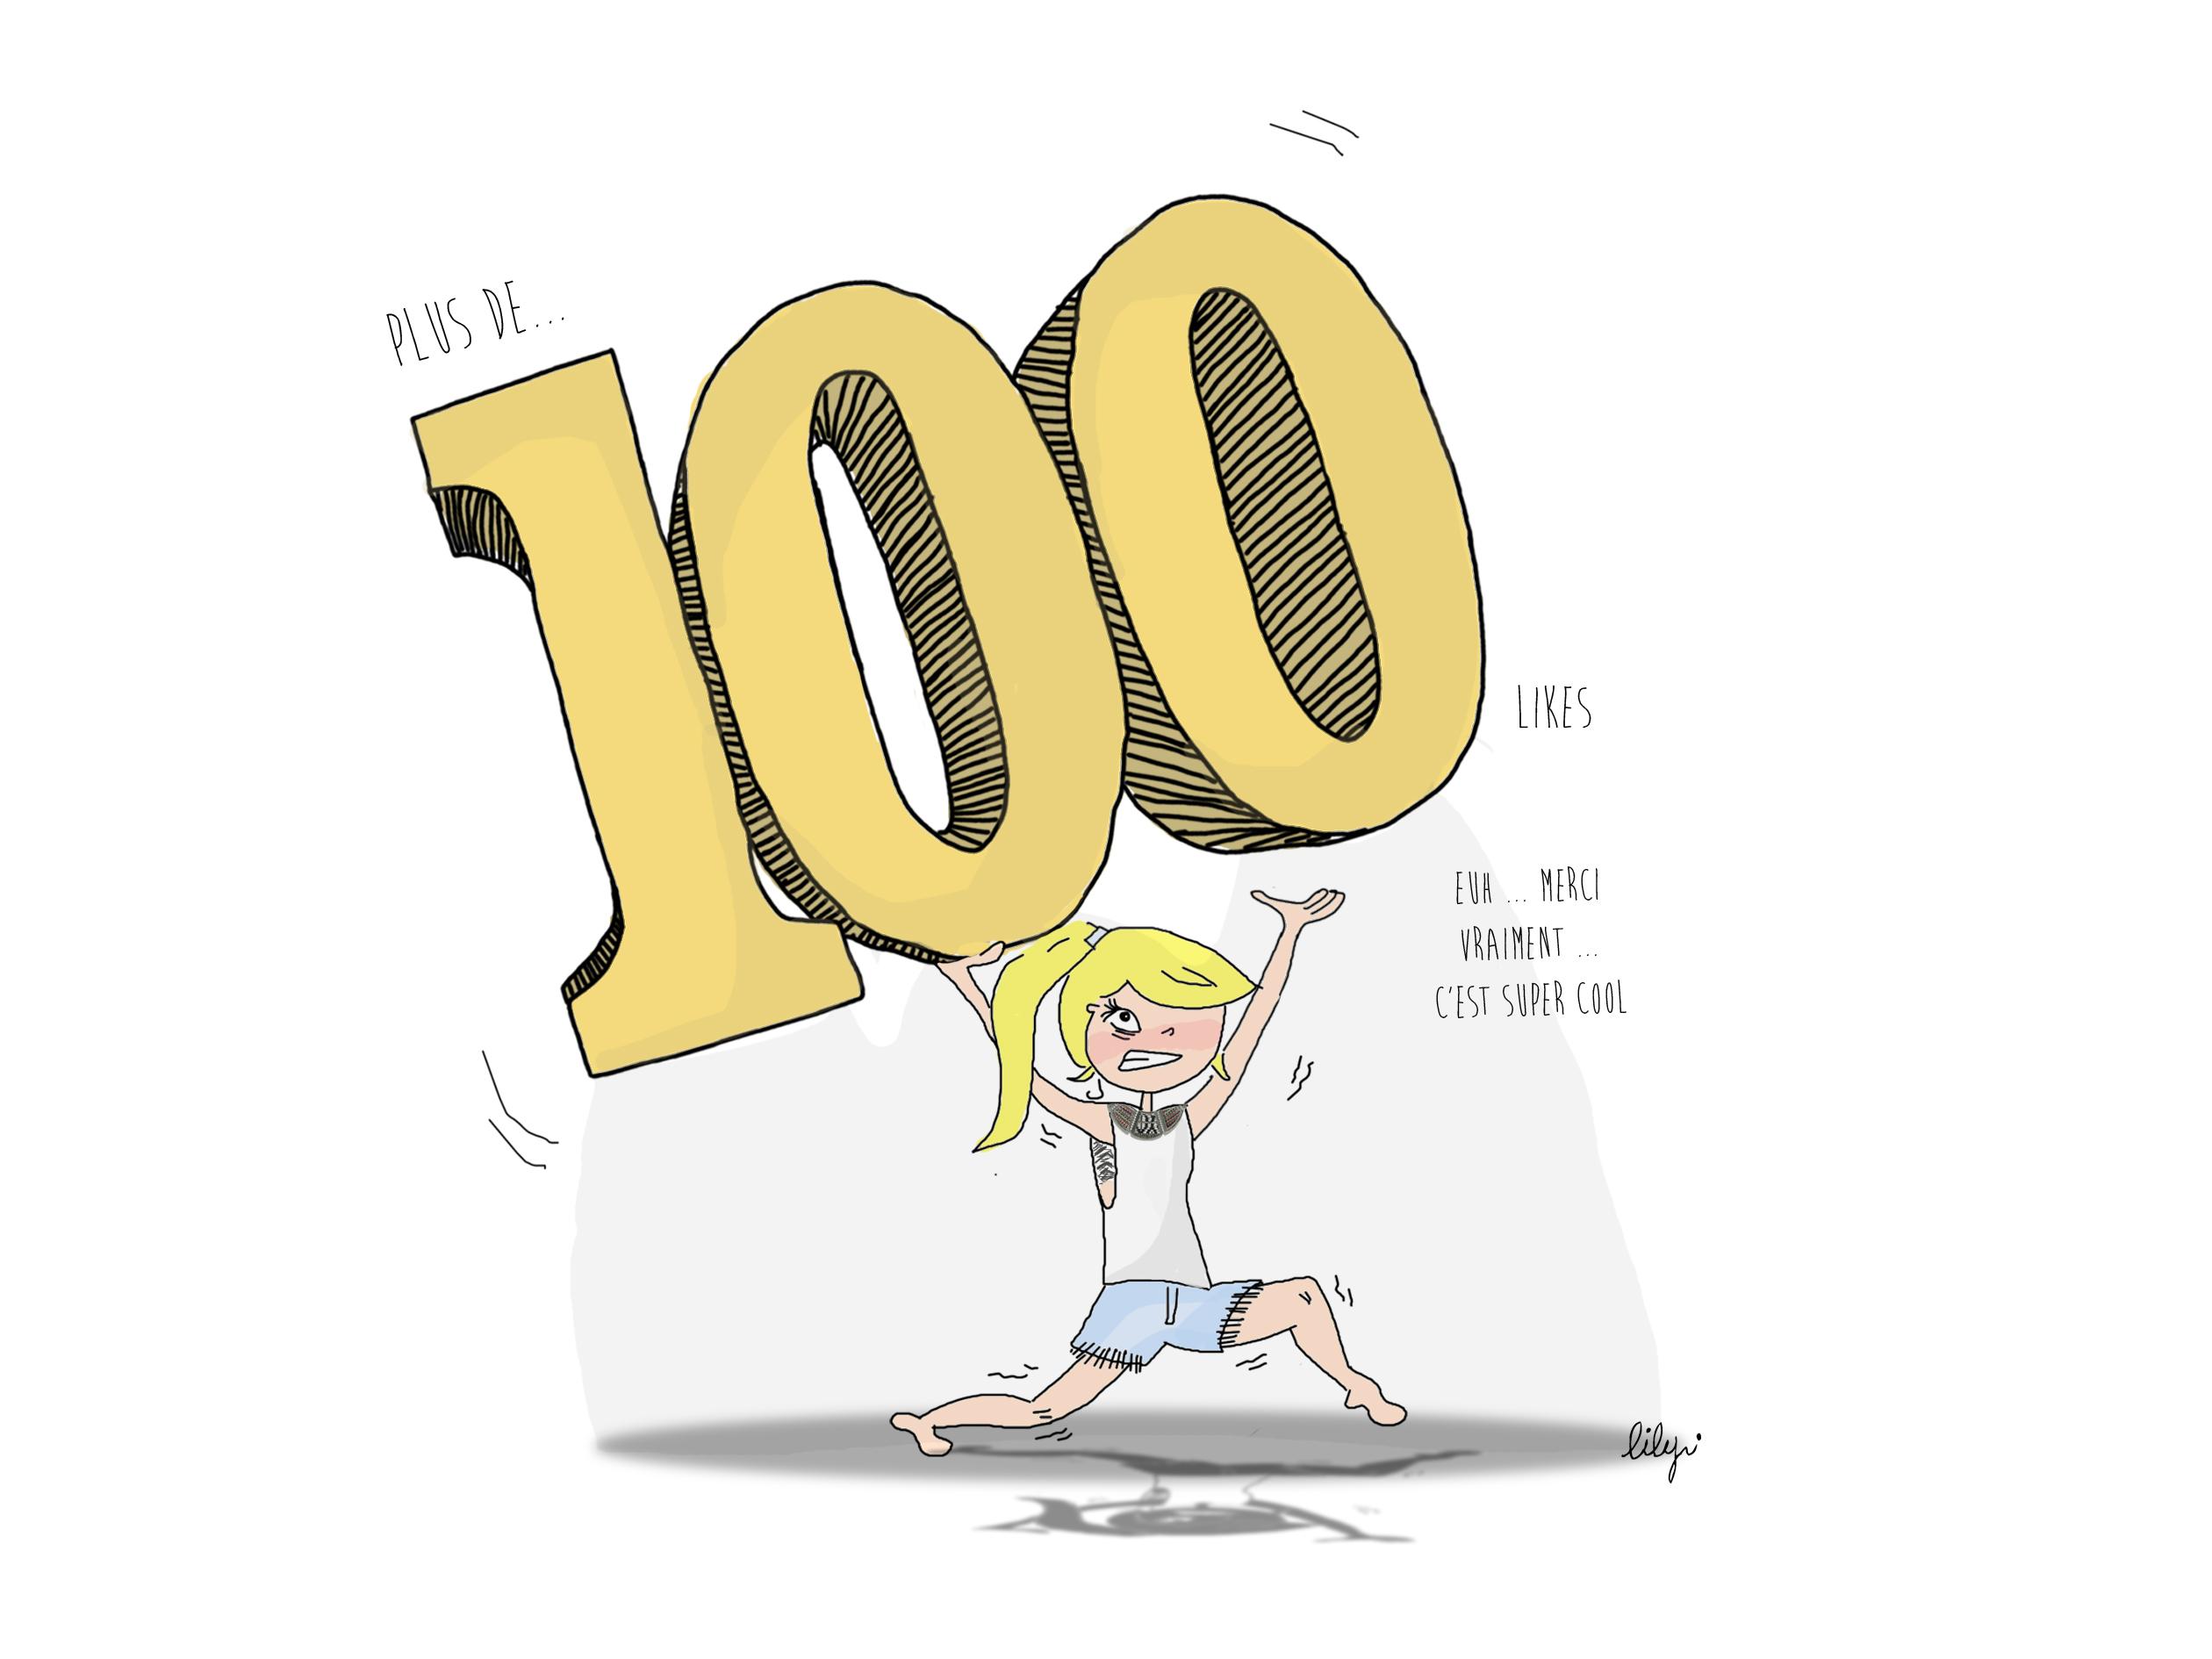 Plus de 100 likes sur Facebook, ça se fête!